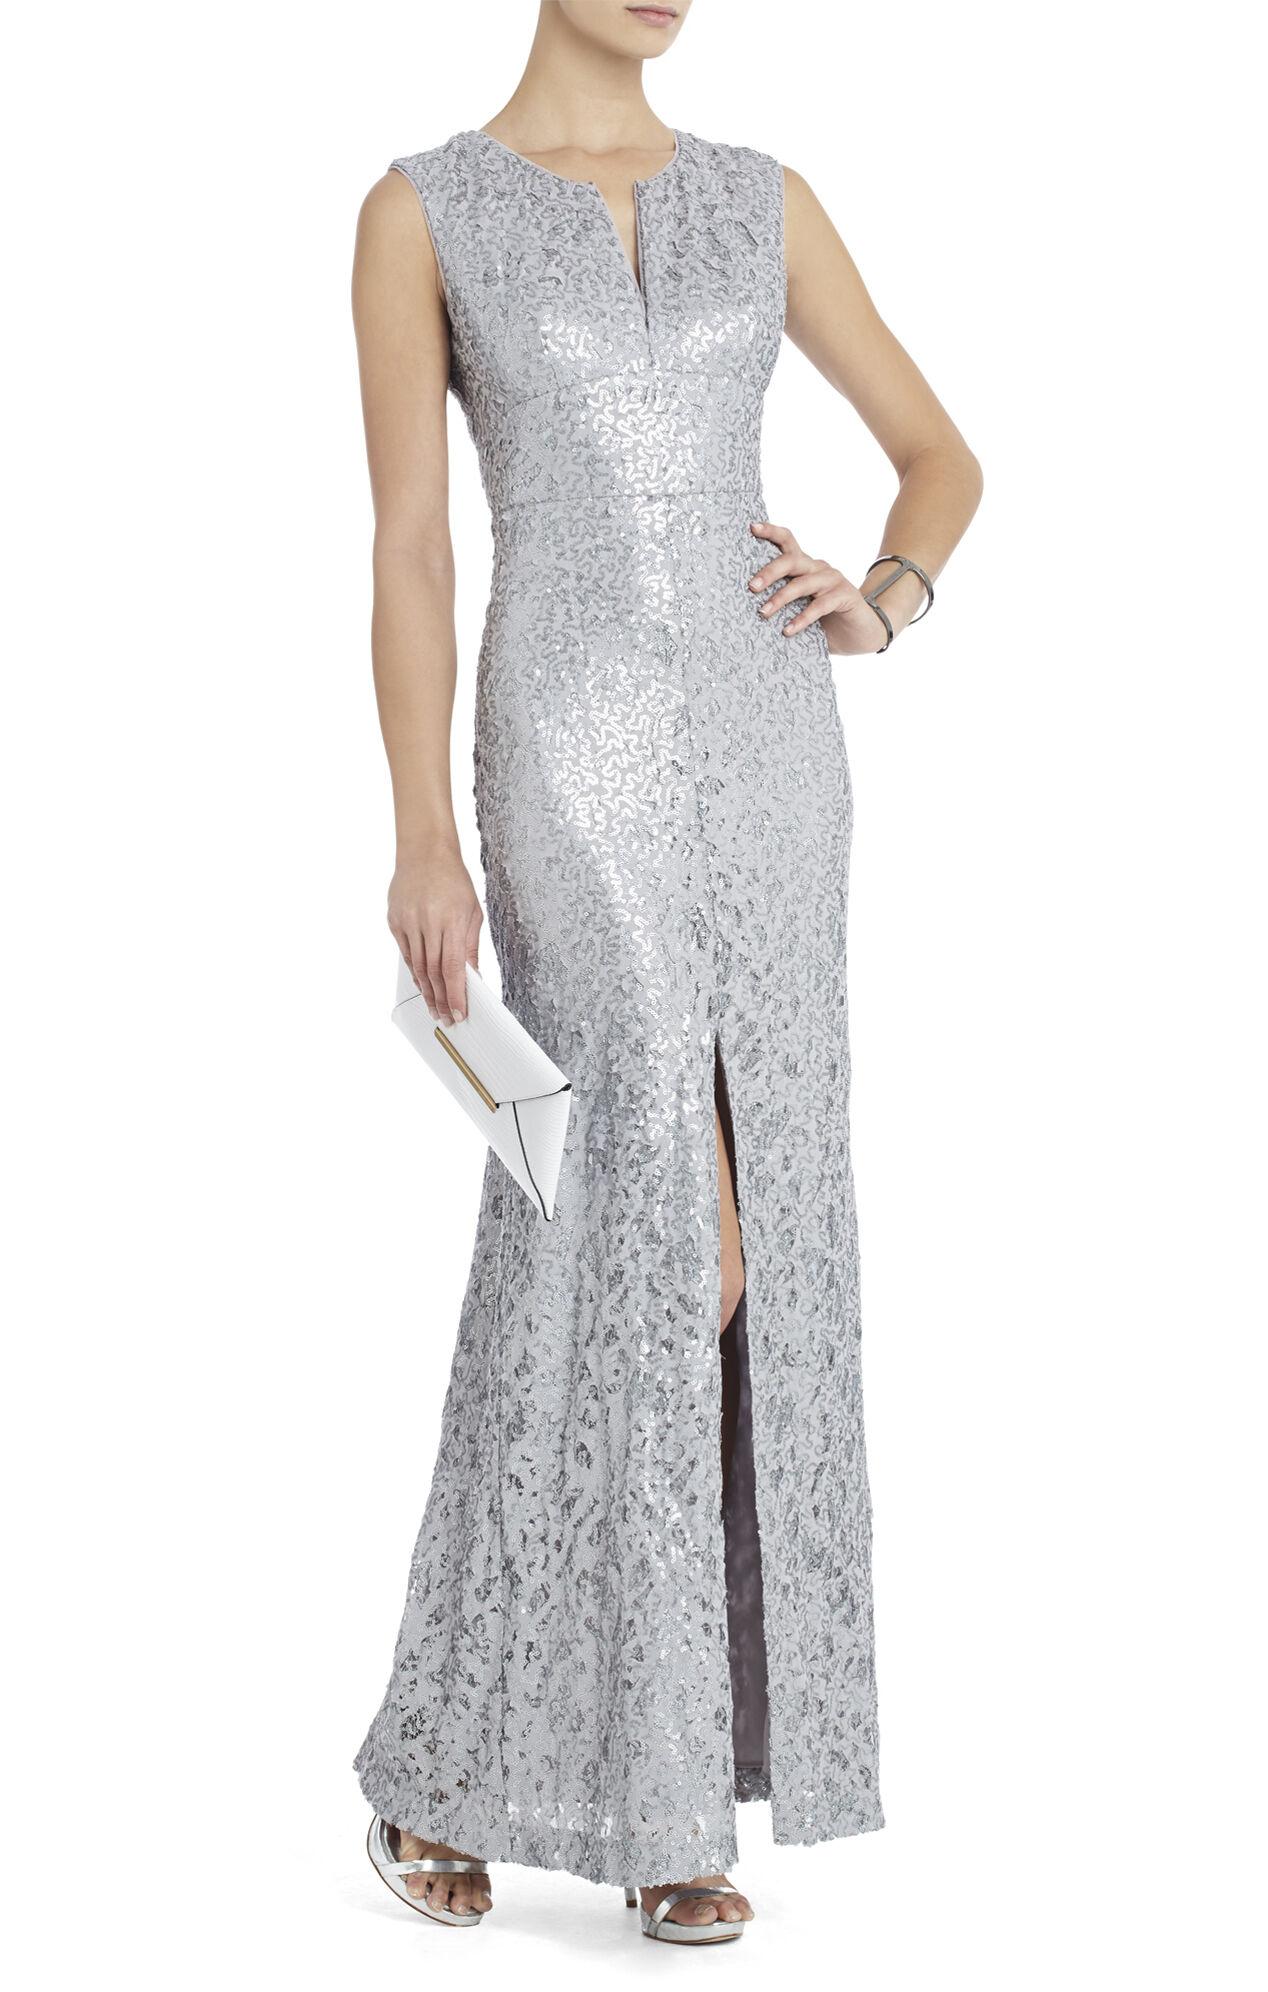 Cain Sequin Applique Dress